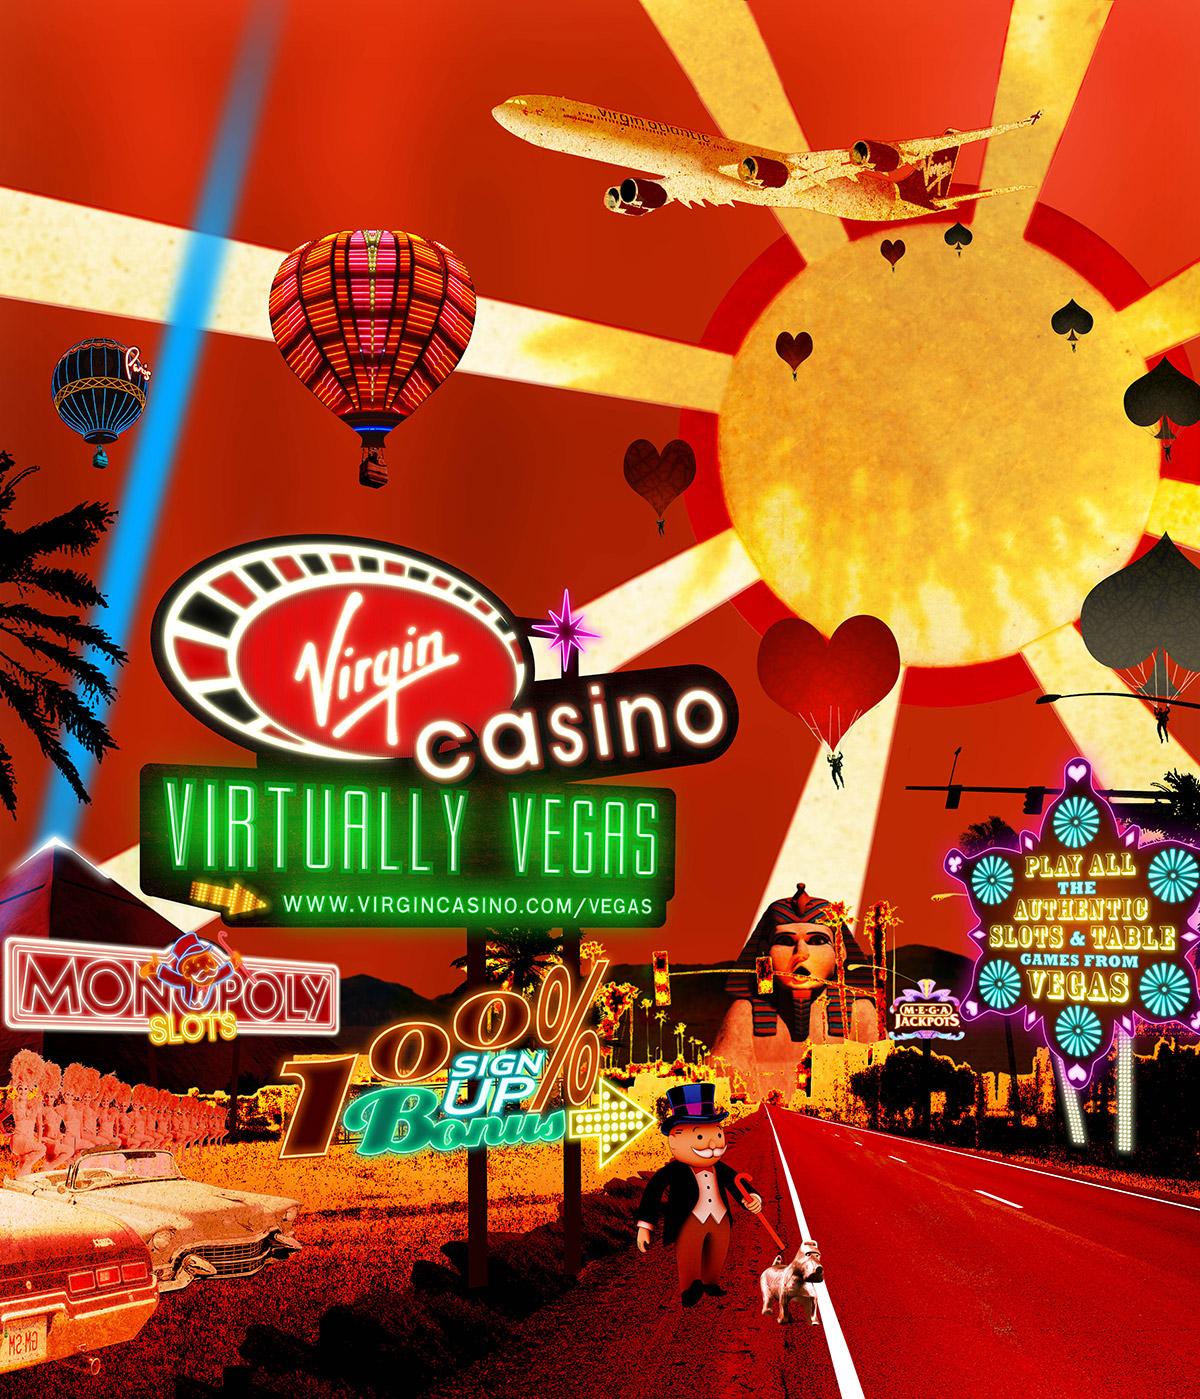 Virgin Casino - Virtually Vegas poster